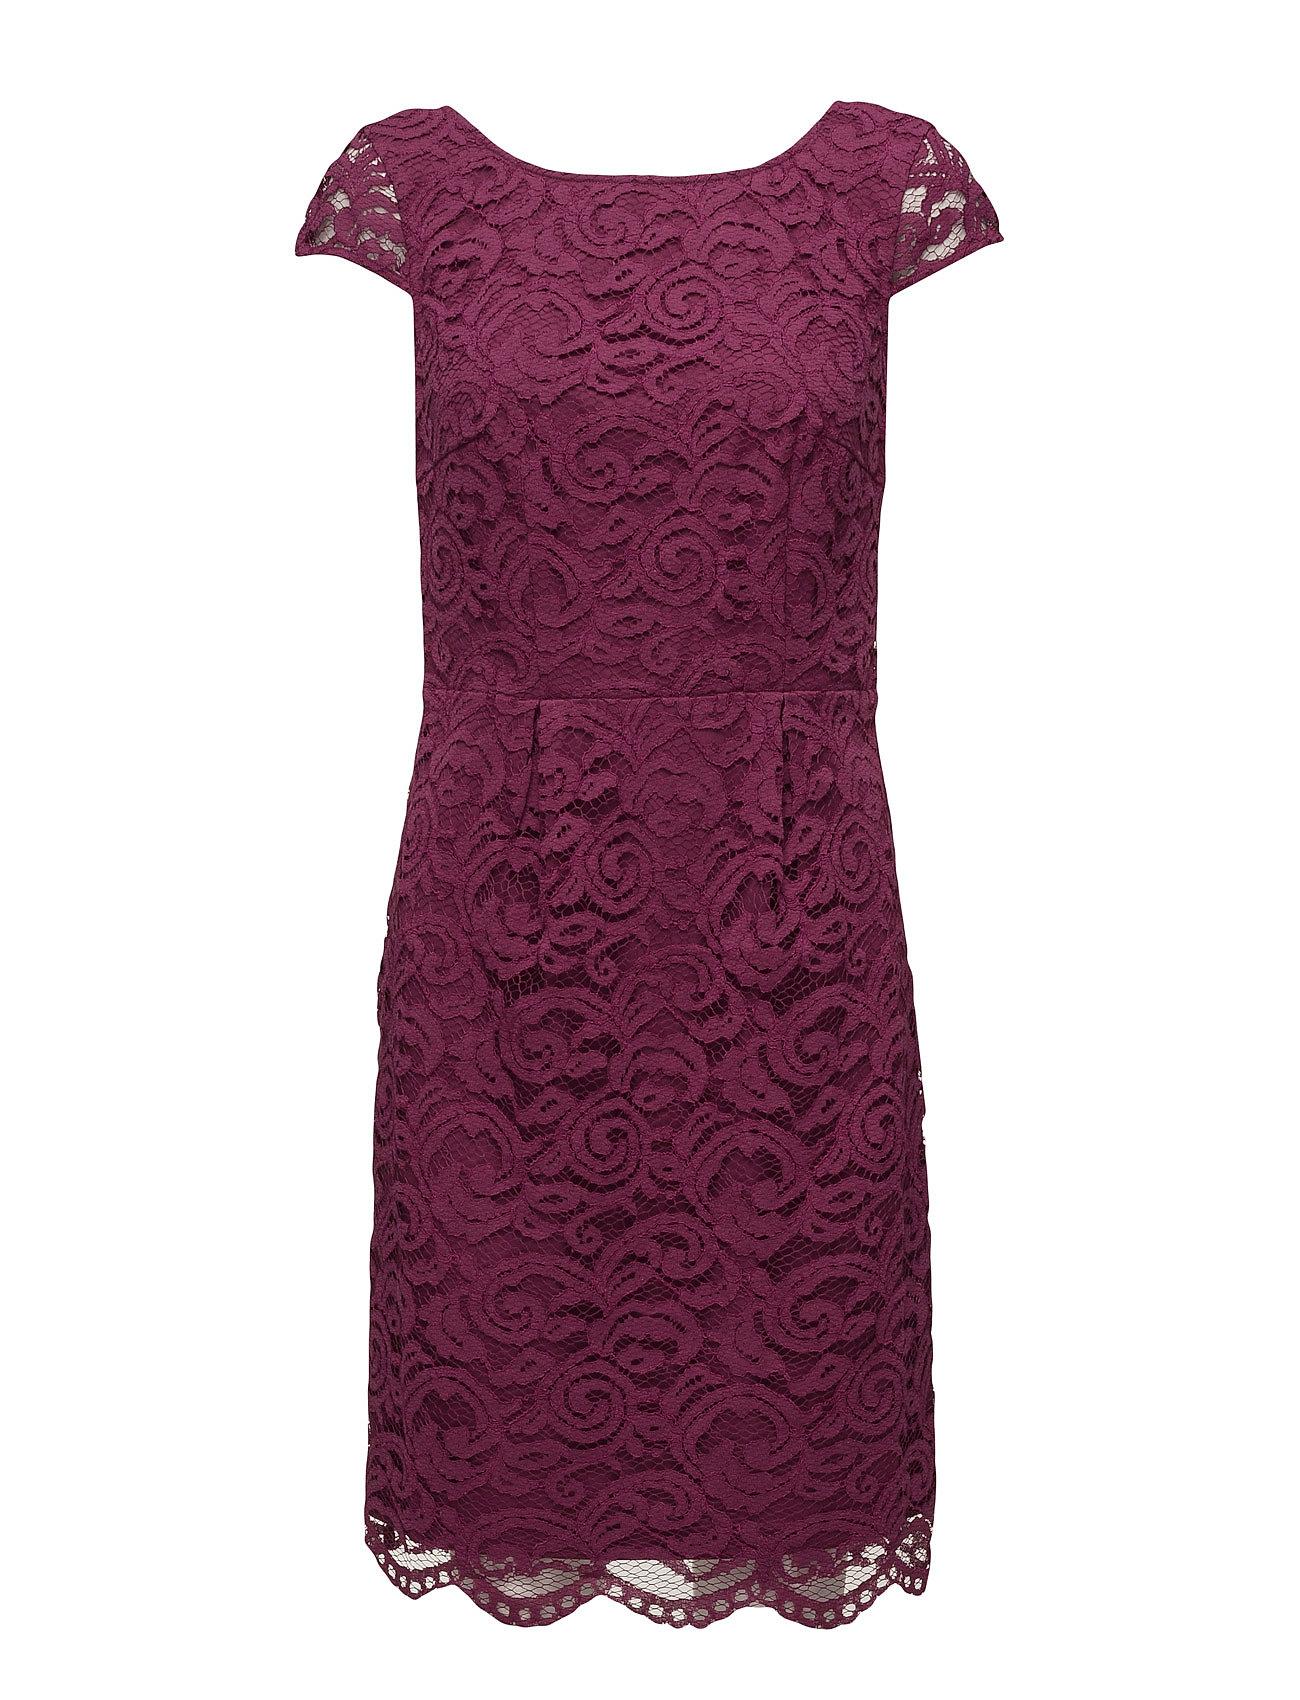 Dresses Light Woven Esprit Collection Kjoler til Kvinder i